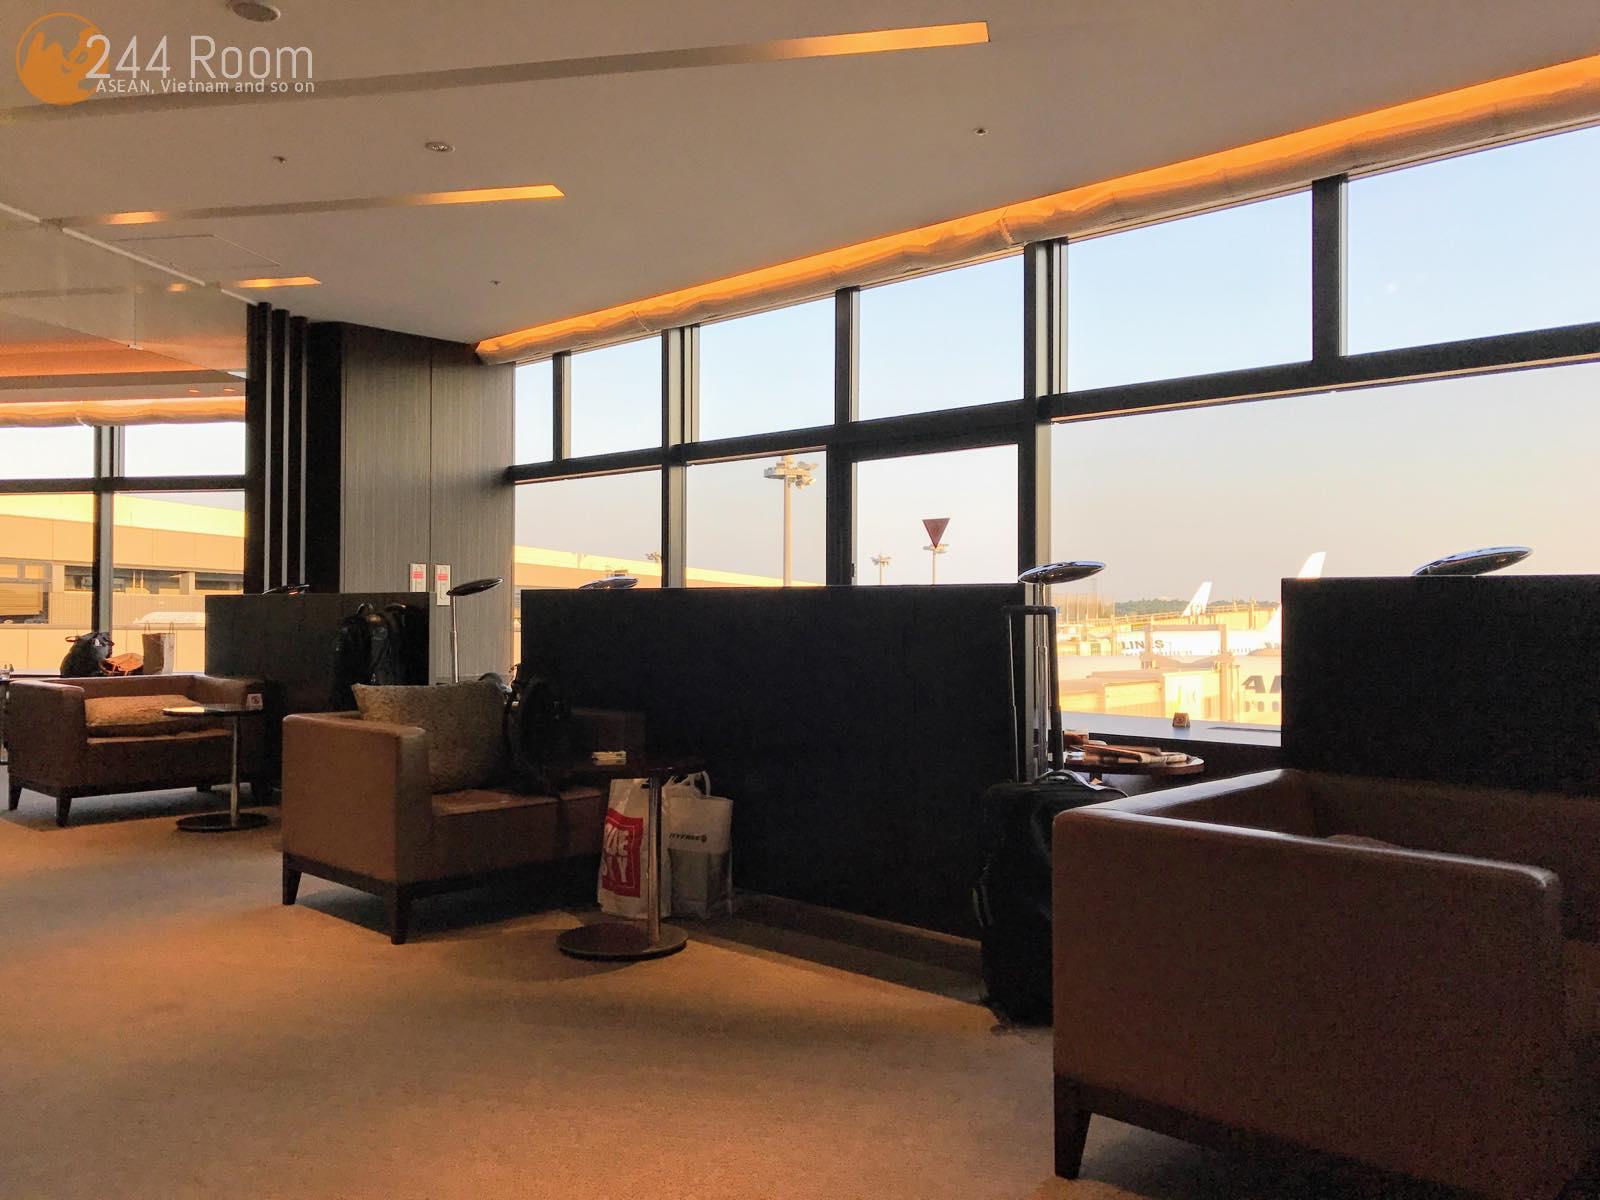 JALファーストクラスラウンジ Firstclass-lounge-narita2